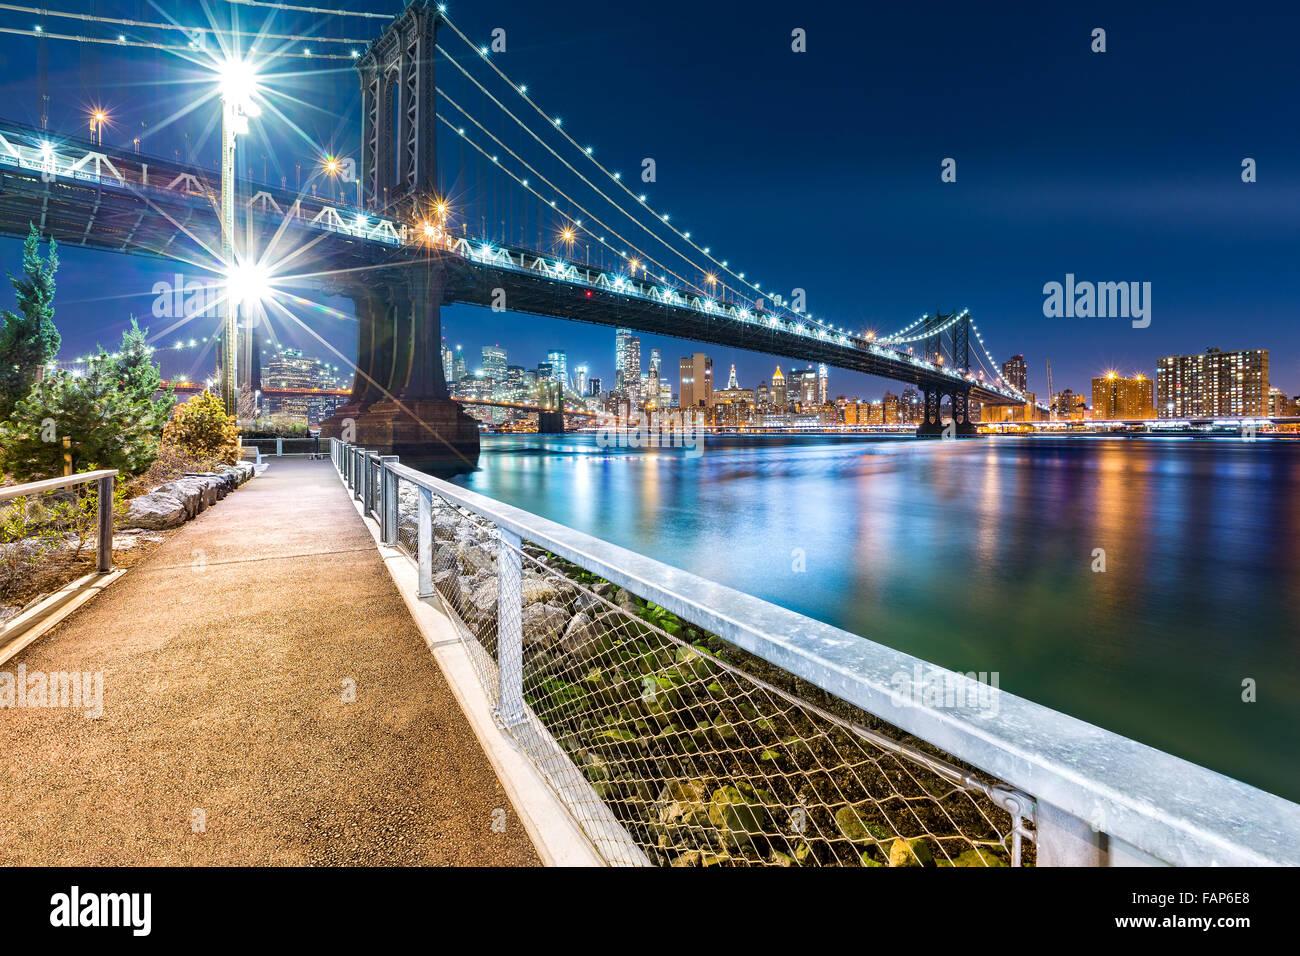 Pont de Manhattan de nuit, vue de la rue John Park avec pont de Brooklyn et Manhattan skyline en arrière-plan. Banque D'Images